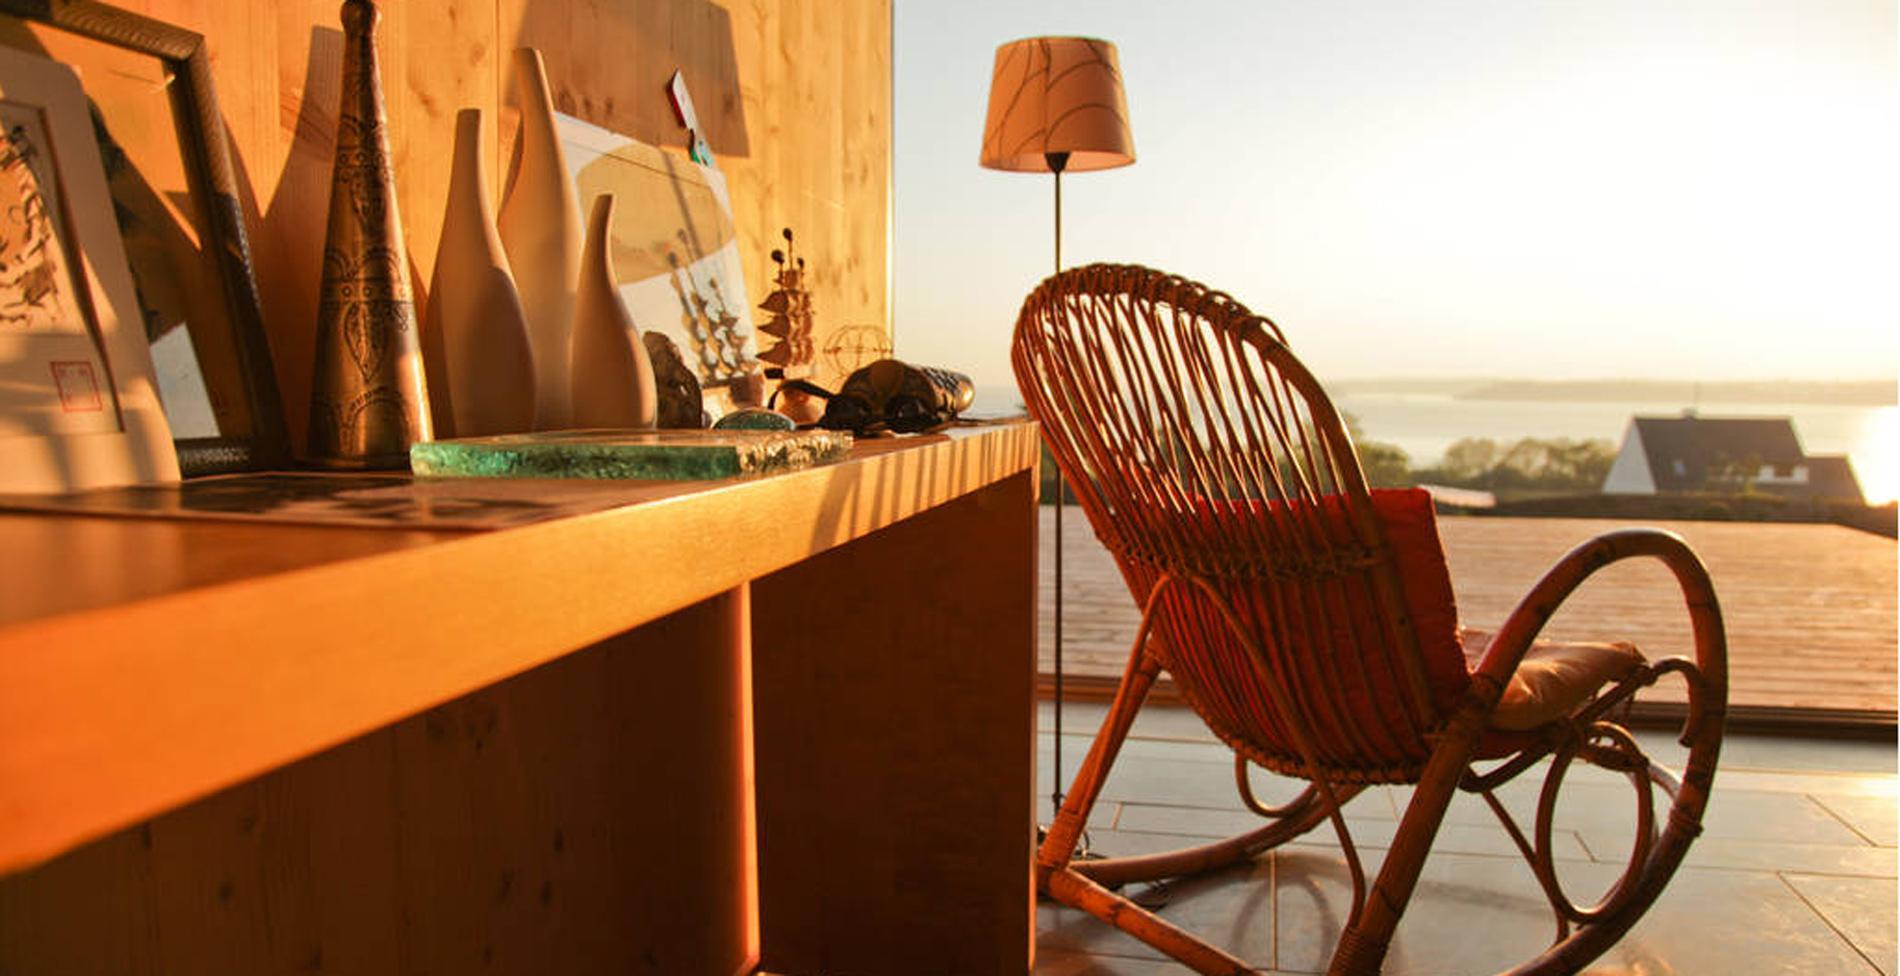 week-ends en france : 15 locations insolites repérées sur airbnb